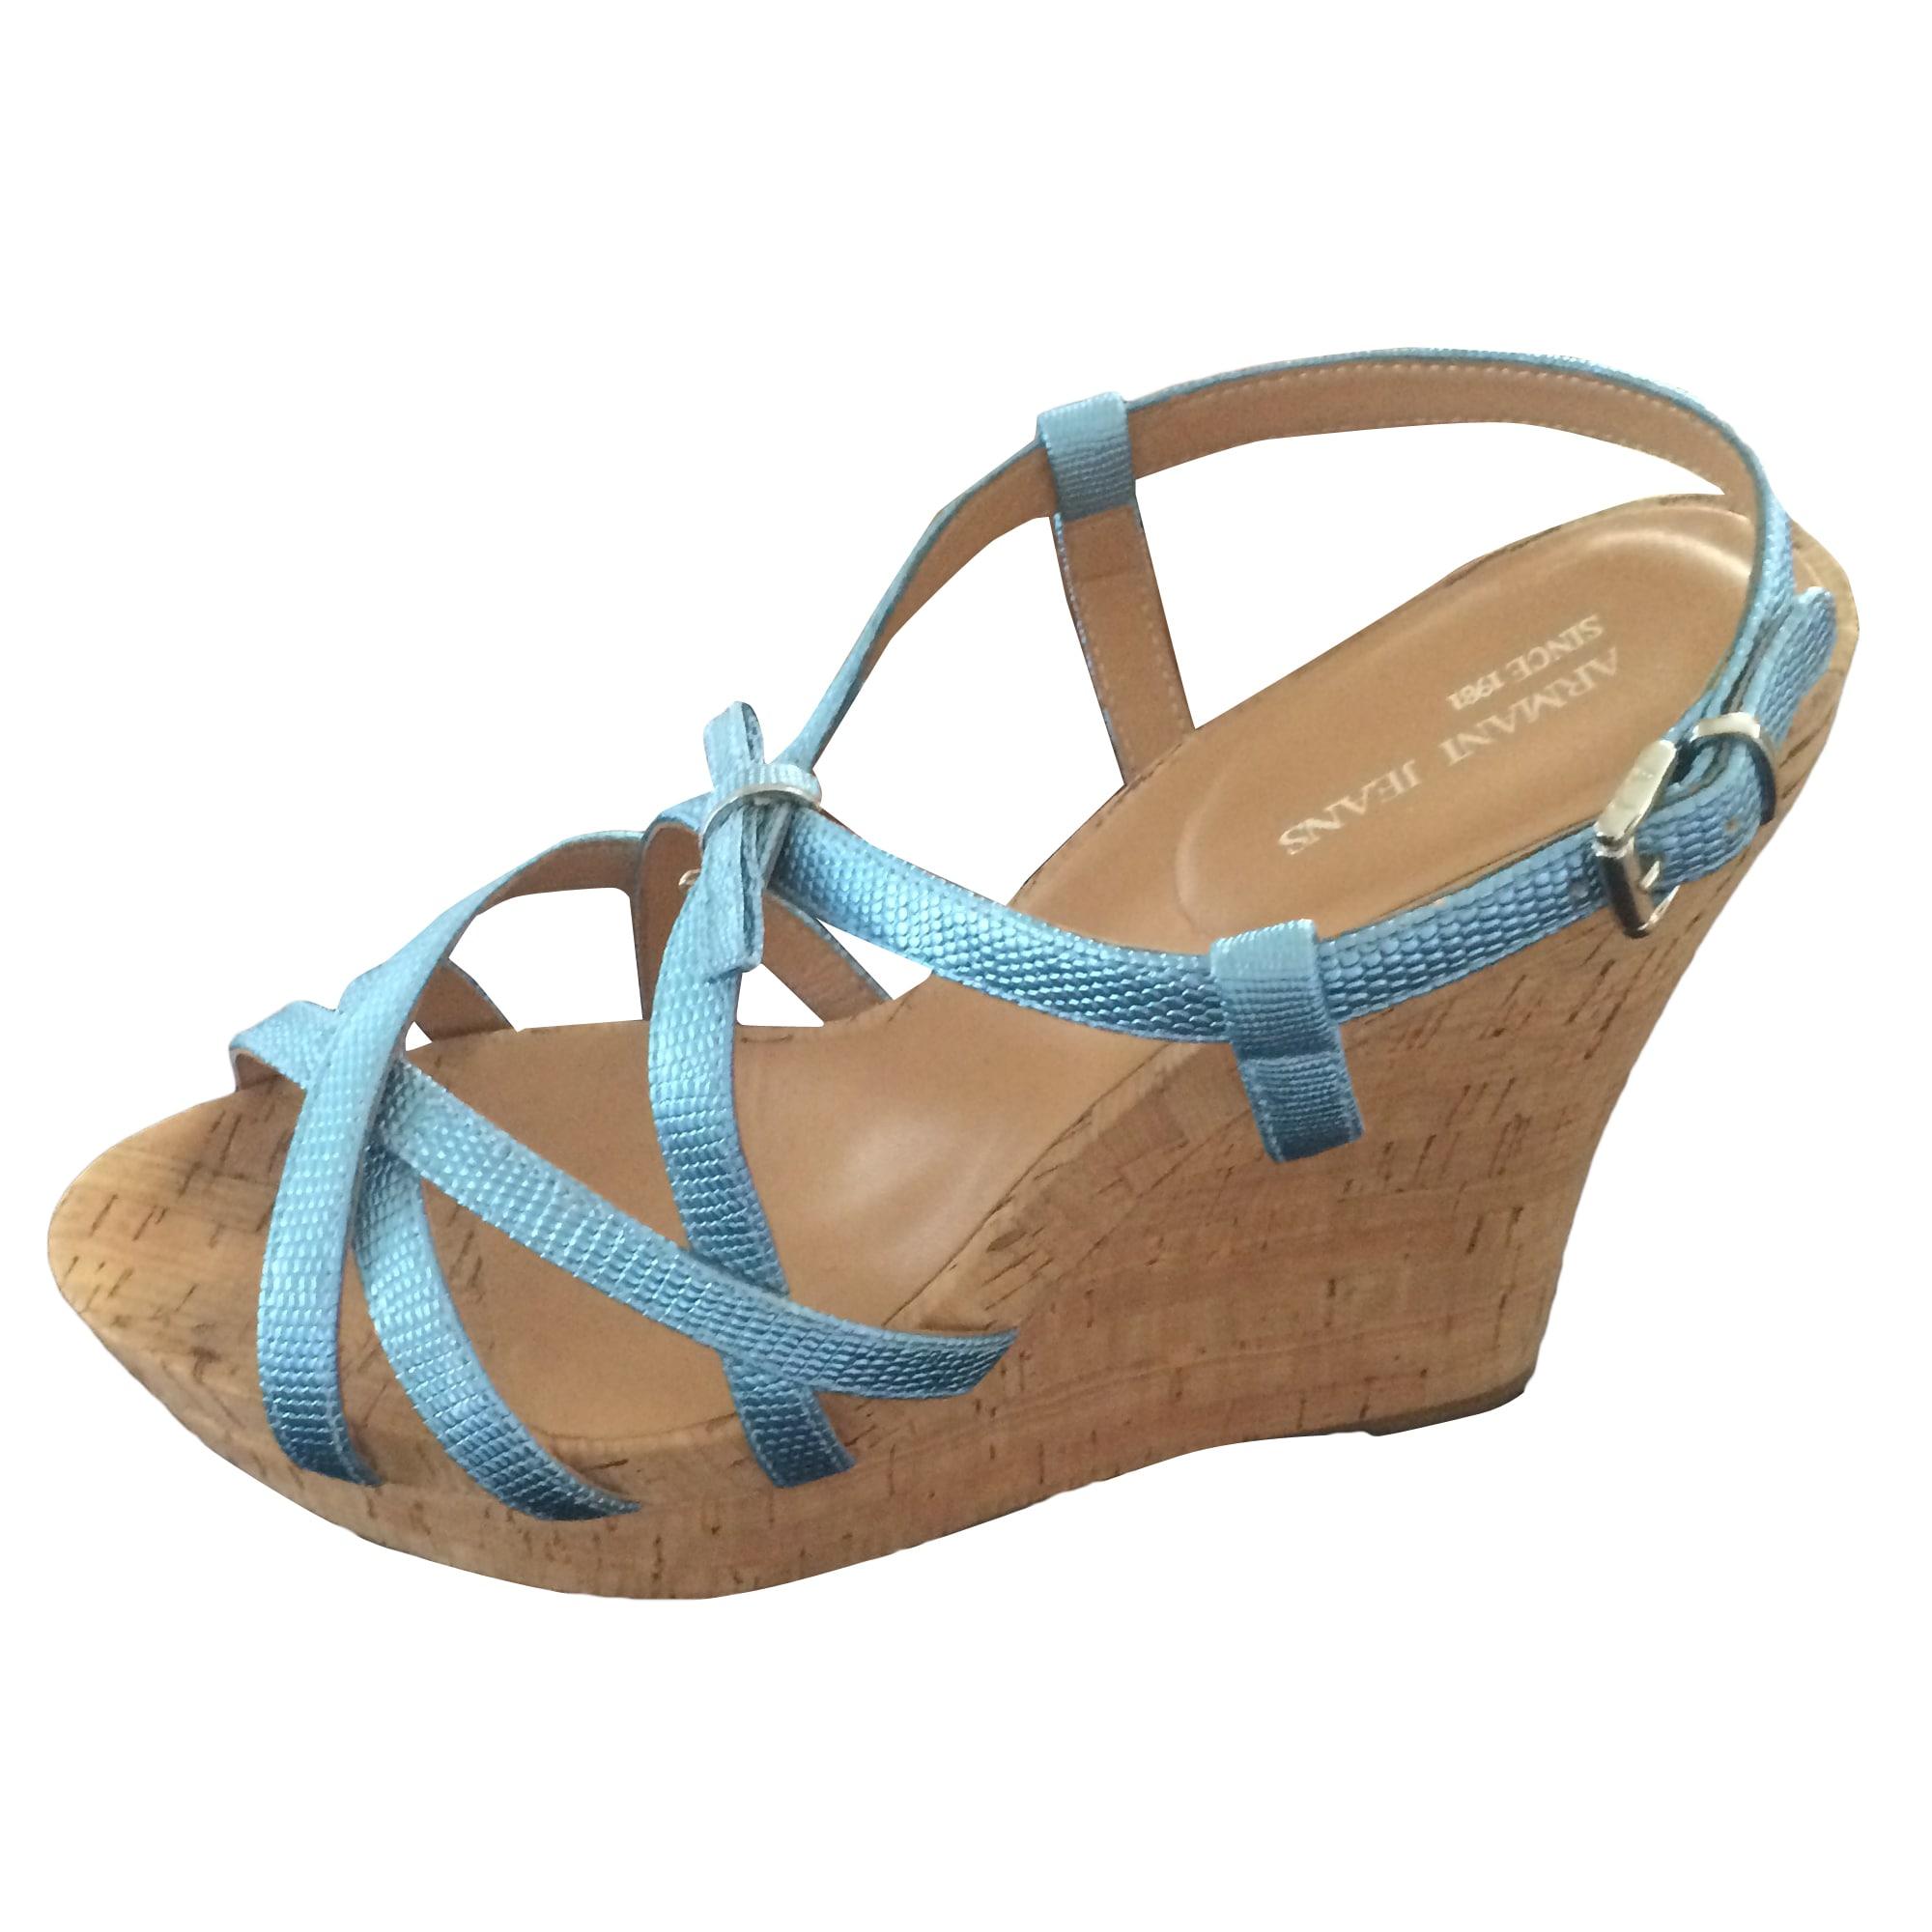 bbd832e2f1f Sandales compensées ARMANI JEANS 40 bleu - 4745081